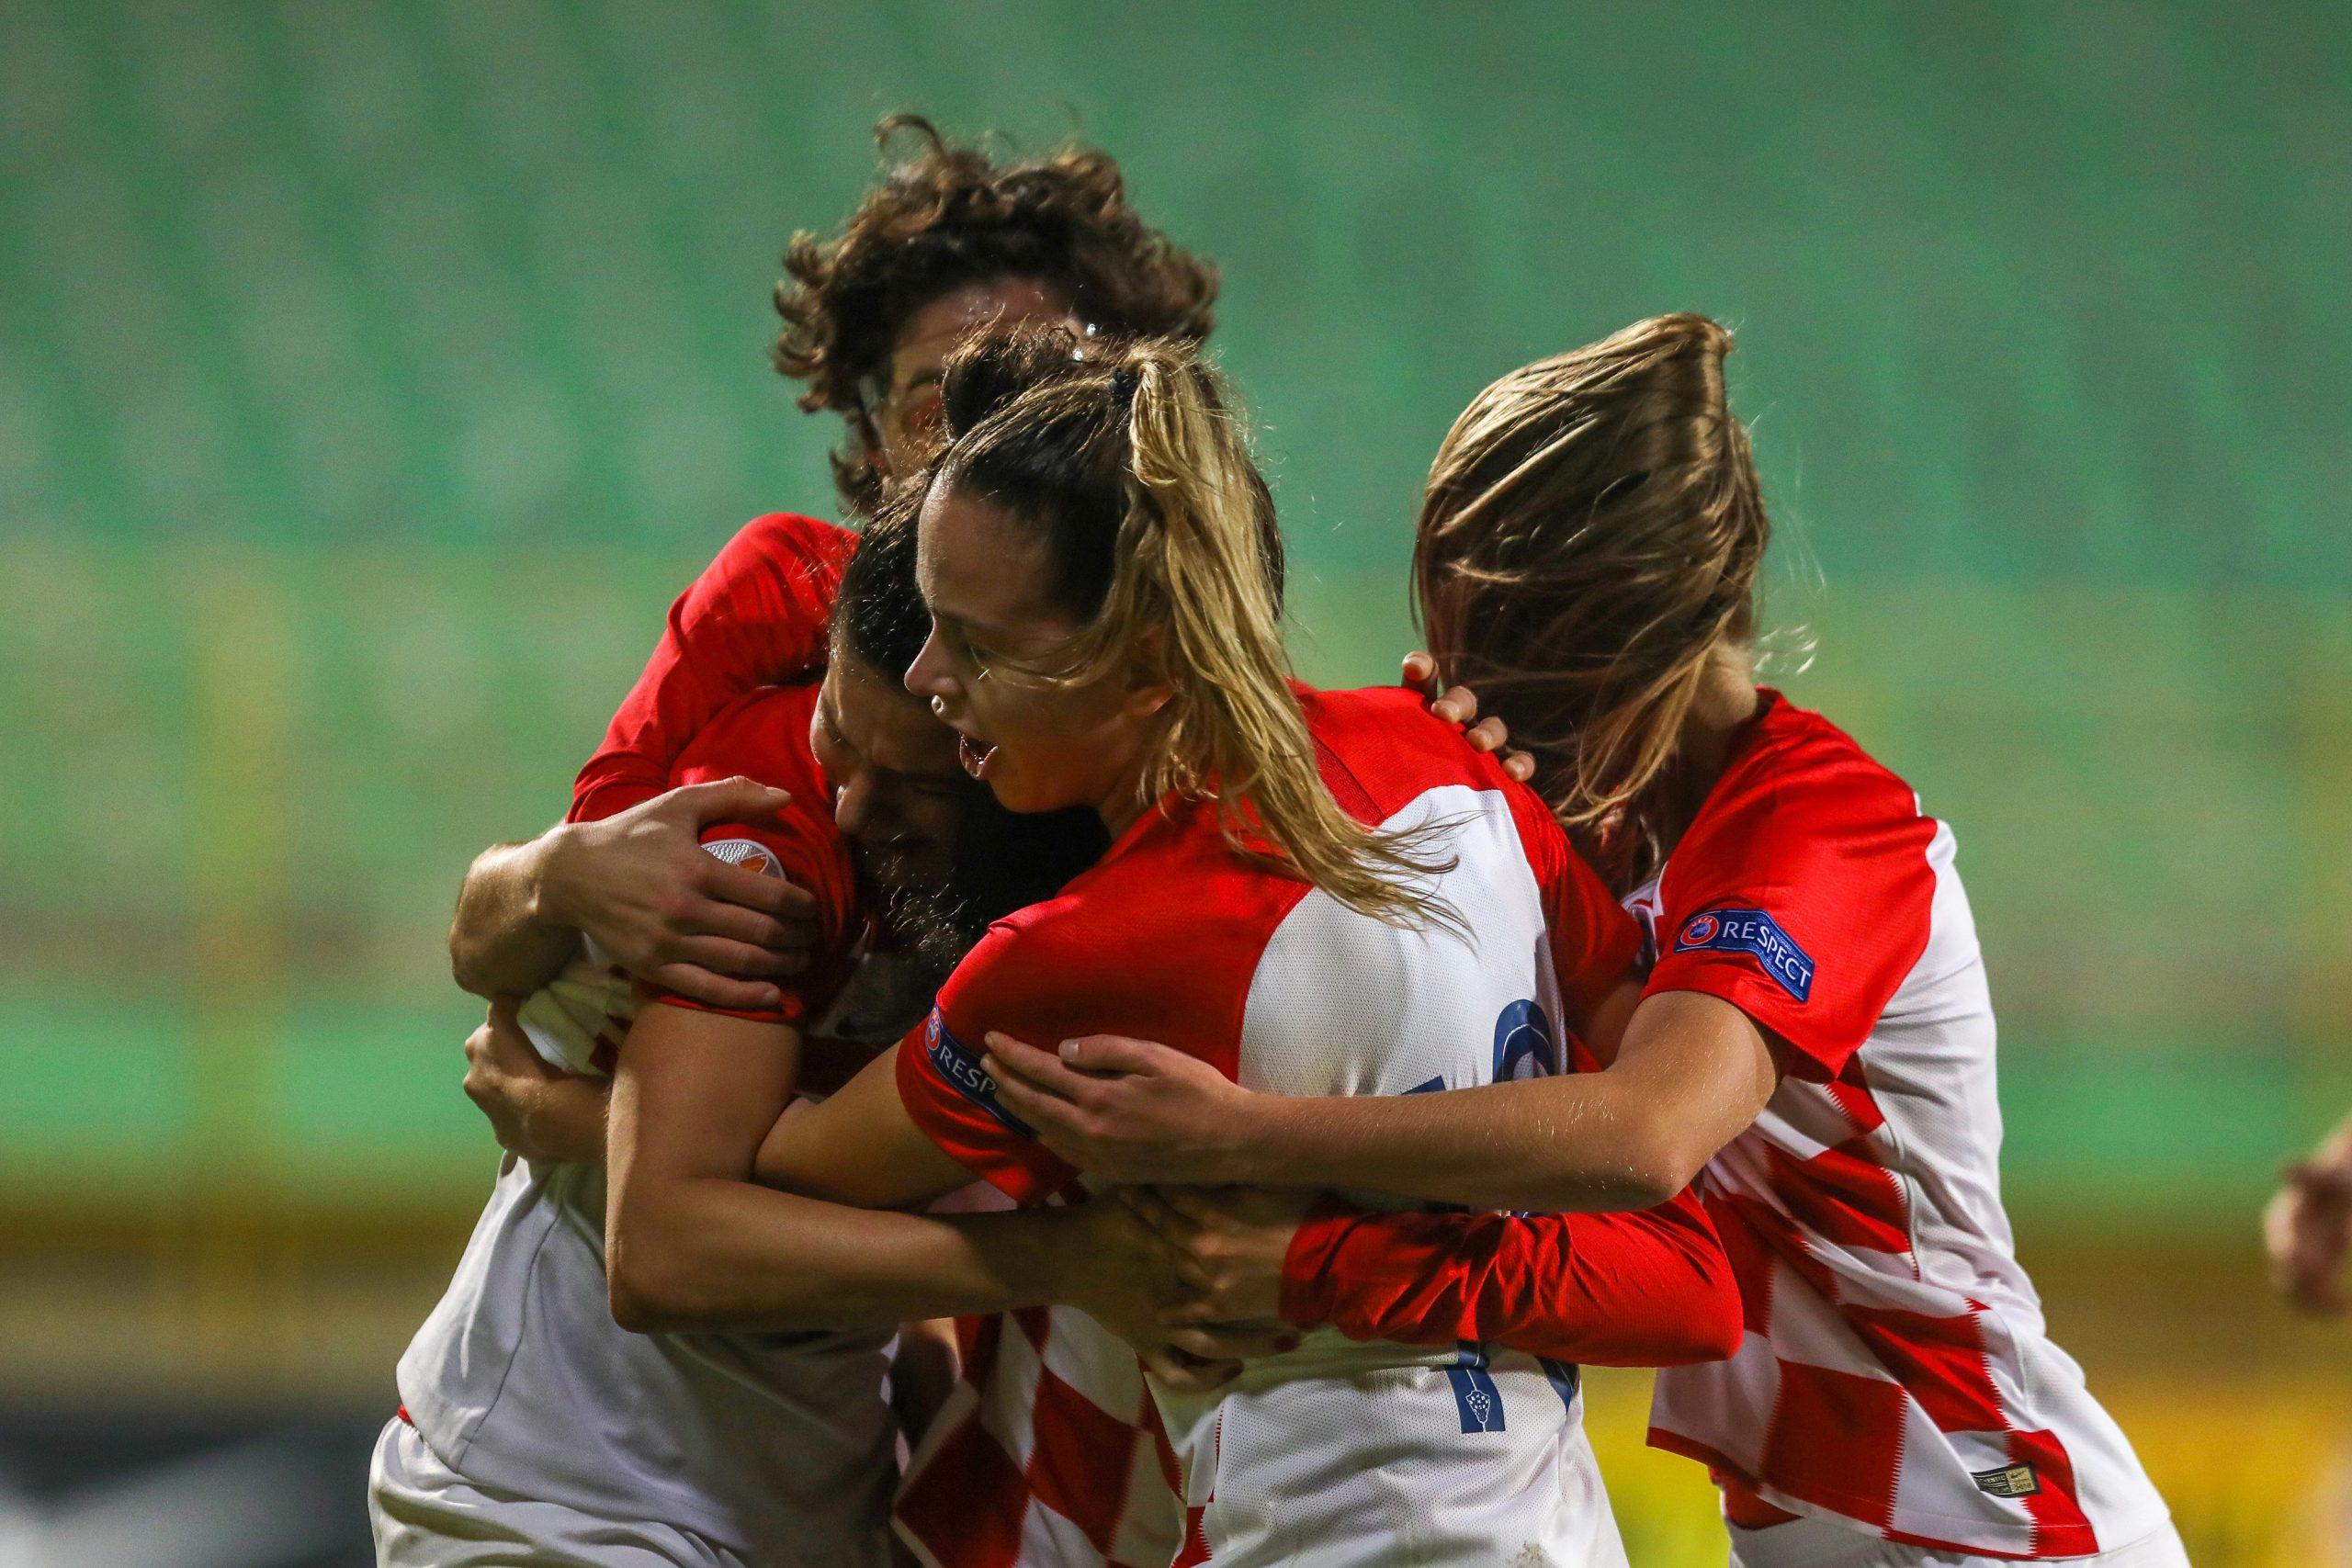 Nogometašice Hrvatske/Foto PIXSELL